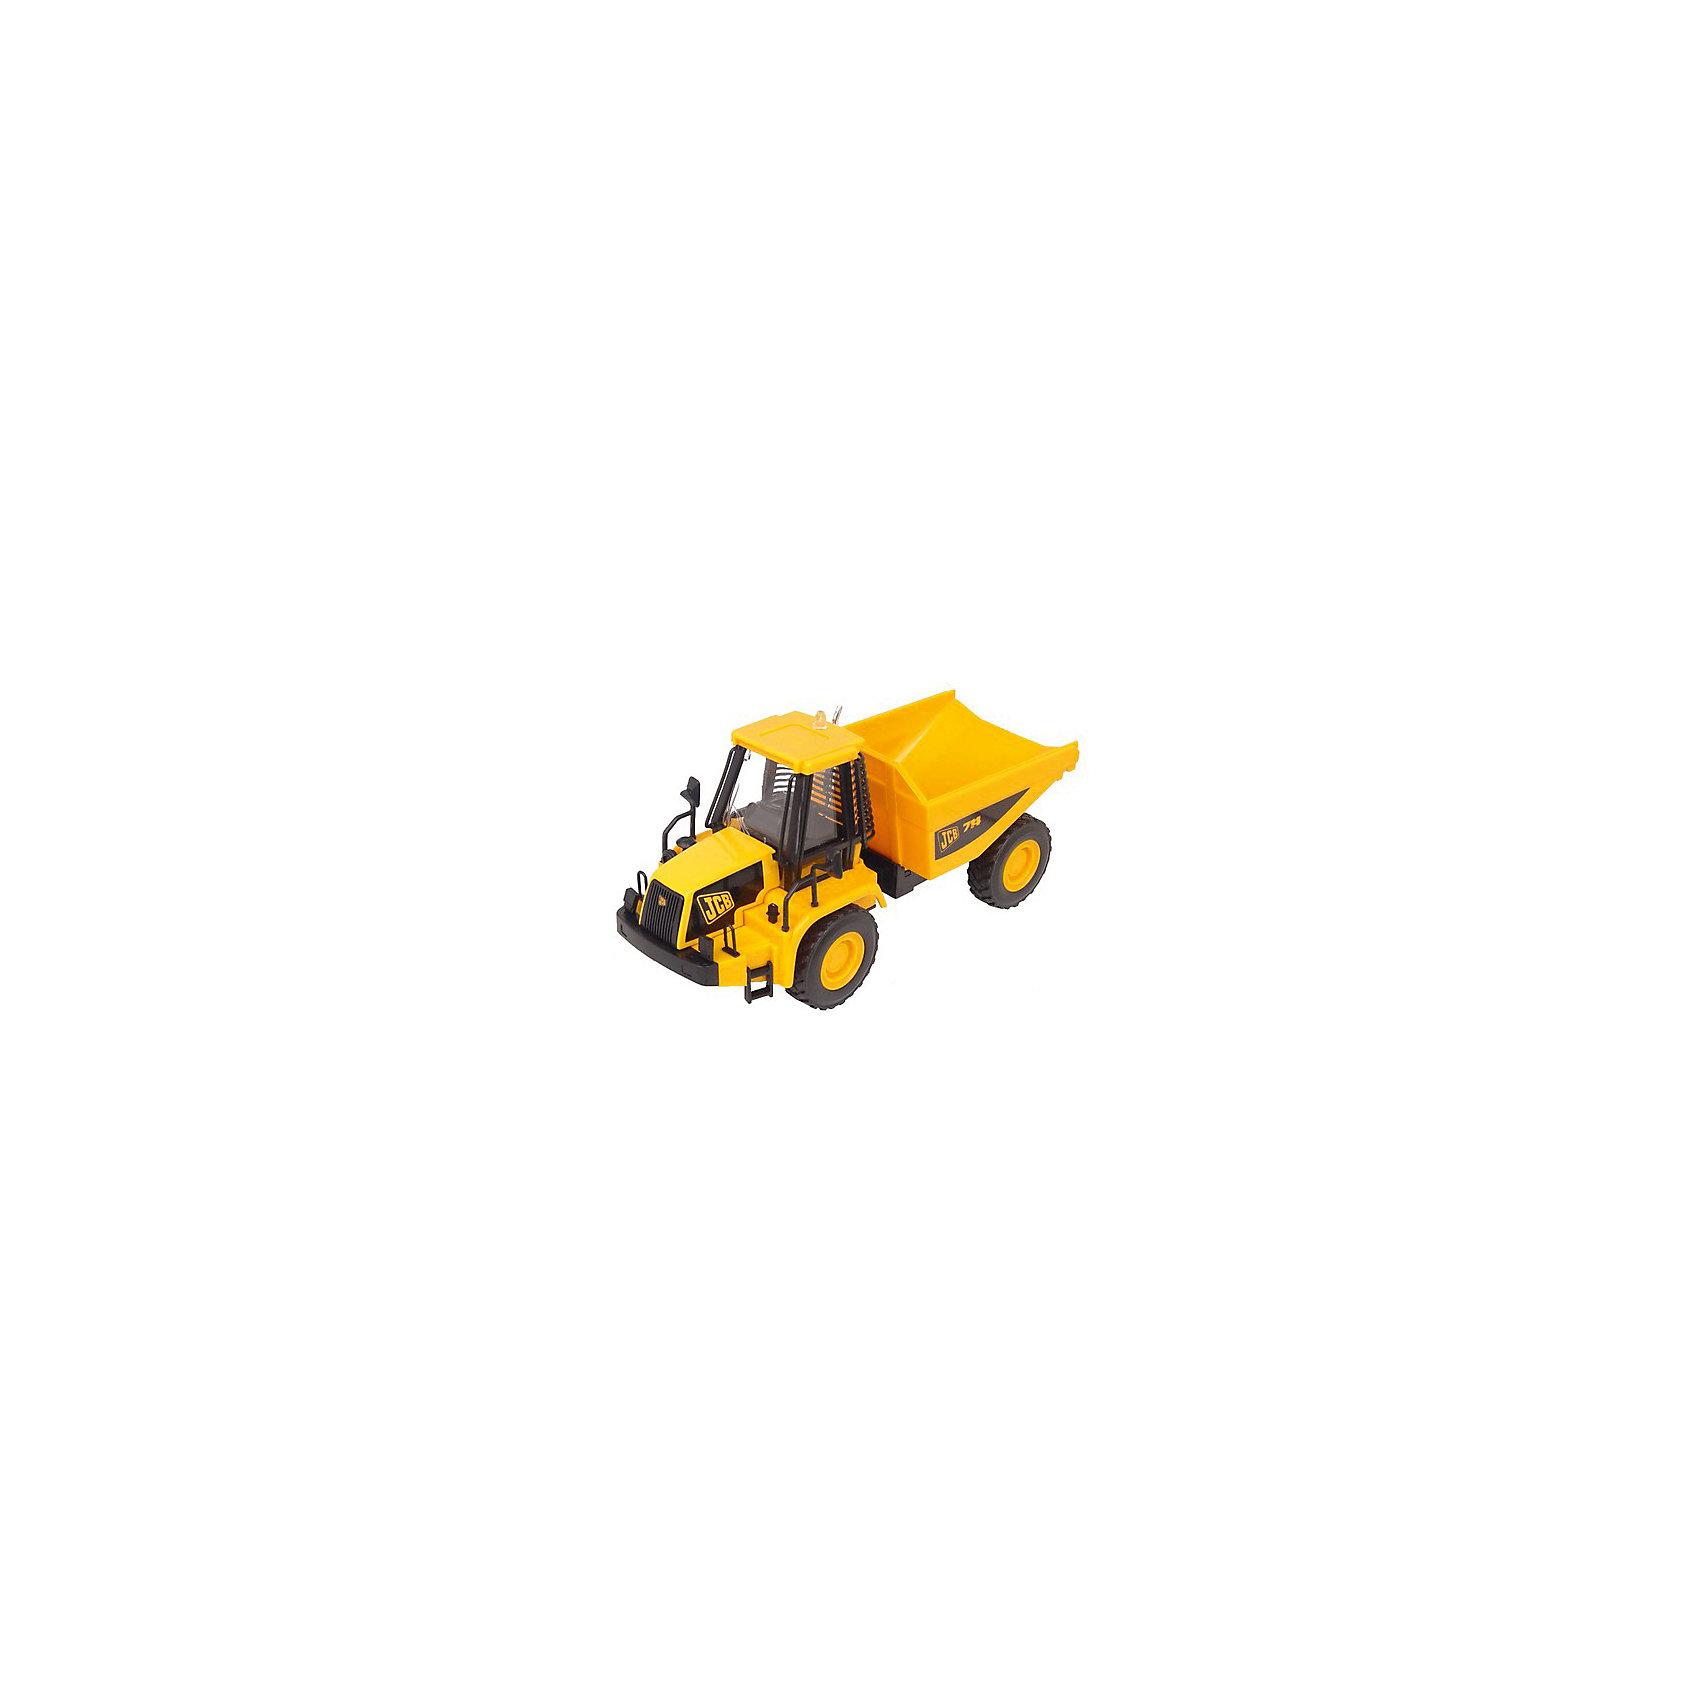 Самосвал 1:32, JCBМашинки<br>Самосвал, JCB - это уменьшенная модель настоящей строительной техники от компании JCB, выполненная в высоком качестве и с большим вниманием к деталям. В этой модели есть все основные функции, которыми обладает реальная машина. Самосвал оснащен просторной застекленной кабиной с сиденьем водителя. Вместительный кузов поднимается и опускается, что делает игрушку особенно интересной для игр на улице. Кузов можно заполнять песком или мелкими предметами, а затем разгружать, как при настоящих строительных работах. У машины мощные прорезиненные колеса, что обеспечивает прочное сцепление с поверхностью и уберегает напольное покрытие от царапин. Игрушка изготовлена из высококачественной прочной пластмассы, можно ещё дольше играть с ней, не боясь поломок. Ваш ребенок в увлекательной форме познакомится с особенностями работы дорожно-строительной техники и откроет для себя множество новых профессий.<br><br>Дополнительная информация:<br><br>- Материал: высококачественный пластик.<br>- Масштаб 1:32.<br>- Размер игрушки: 27 х 10 х 8 см.<br>- Вес: 0,398 кг.<br><br>Самосвал, JCB, можно купить в нашем интернет-магазине.<br><br>Ширина мм: 270<br>Глубина мм: 100<br>Высота мм: 80<br>Вес г: 398<br>Возраст от месяцев: 36<br>Возраст до месяцев: 96<br>Пол: Мужской<br>Возраст: Детский<br>SKU: 4244448